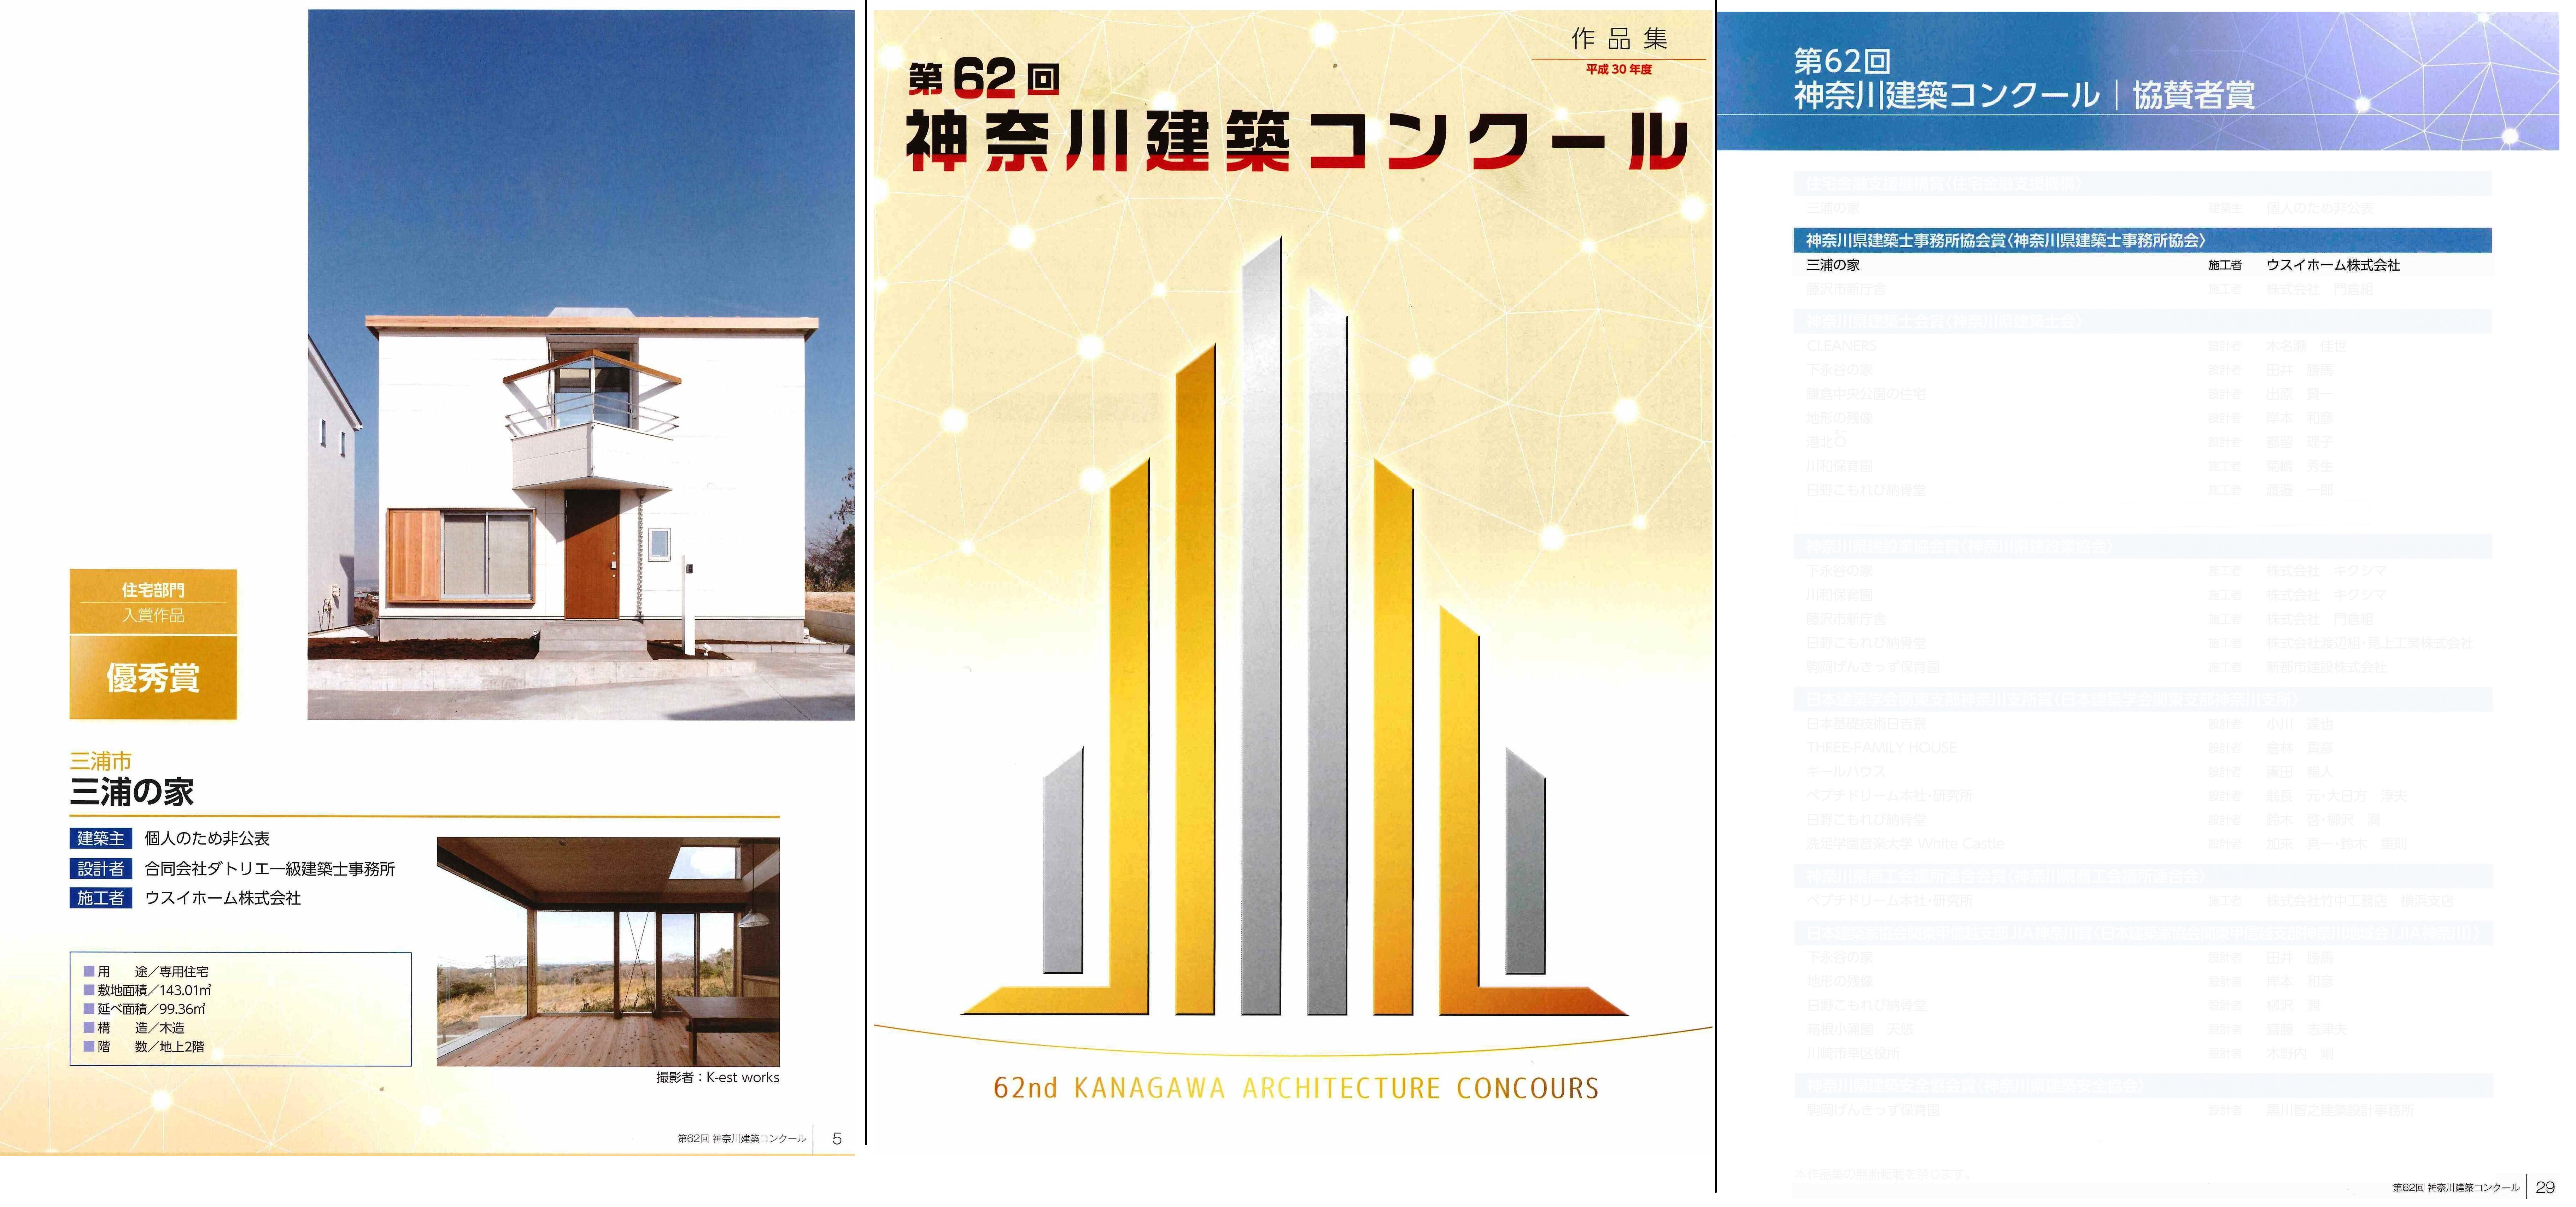 2018.11.12_第62回神奈川建築コンクール_作品集